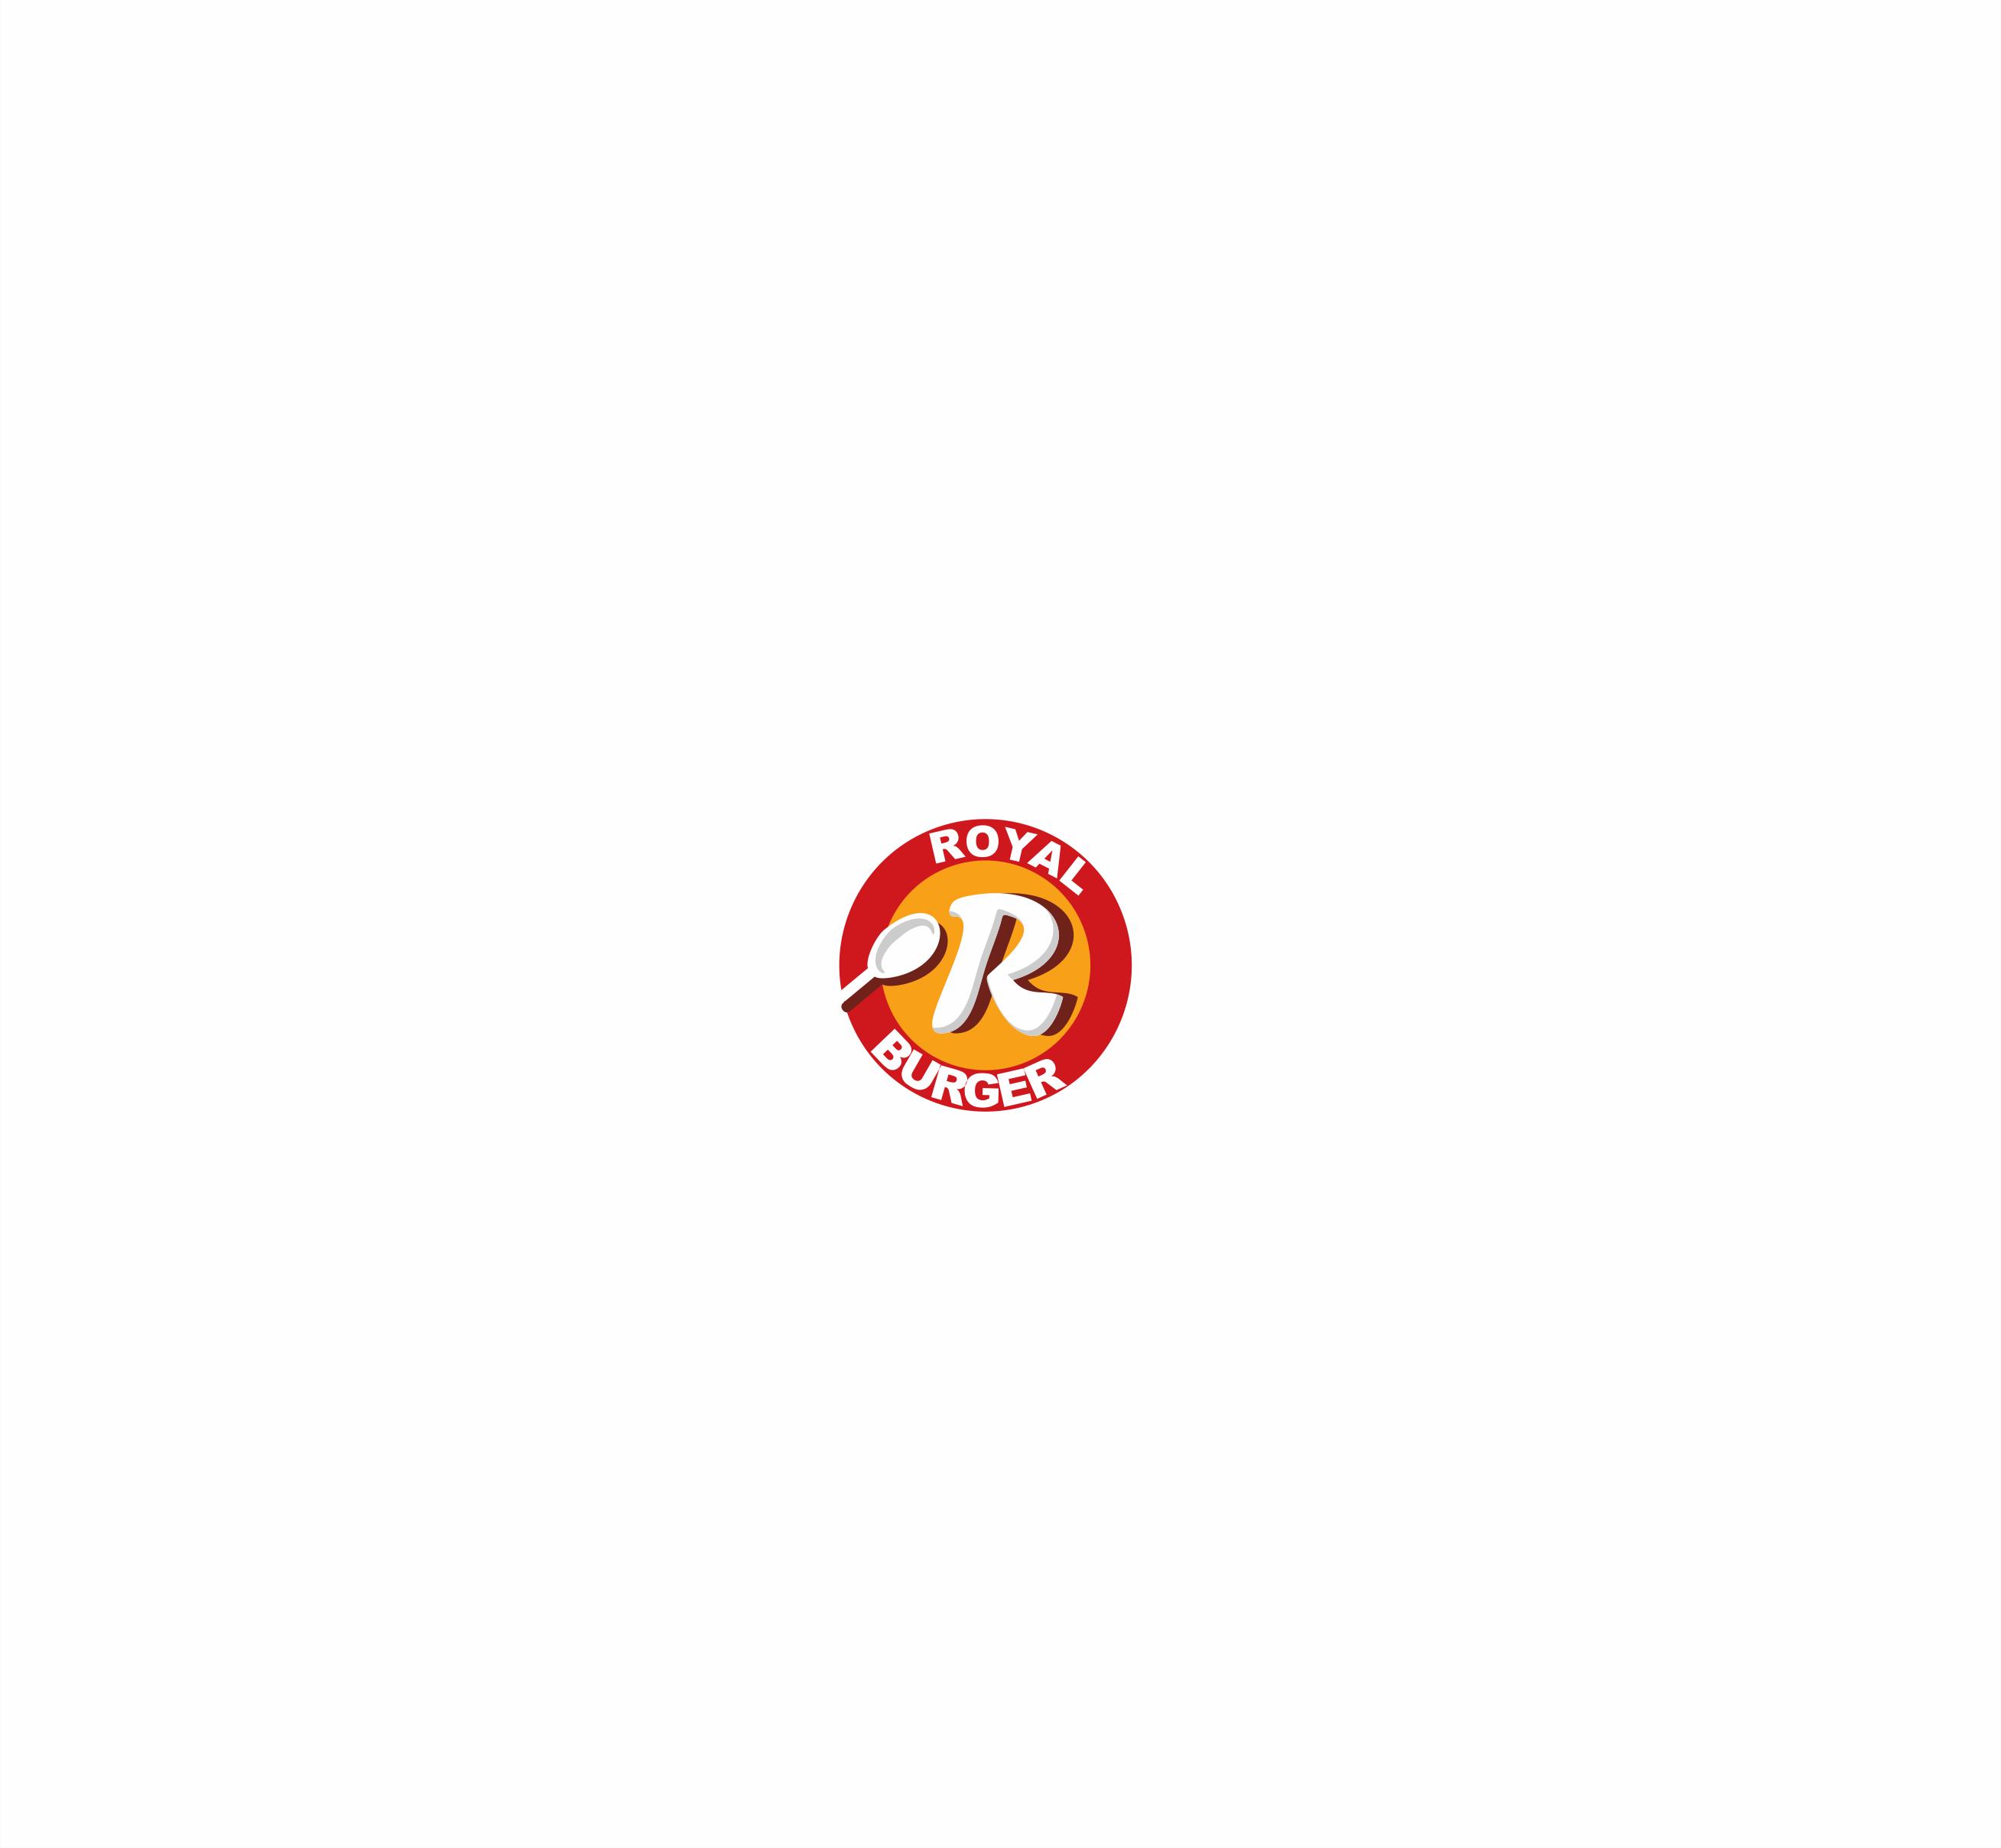 Обновление логотипа фото f_32759c9685c2f26a.png